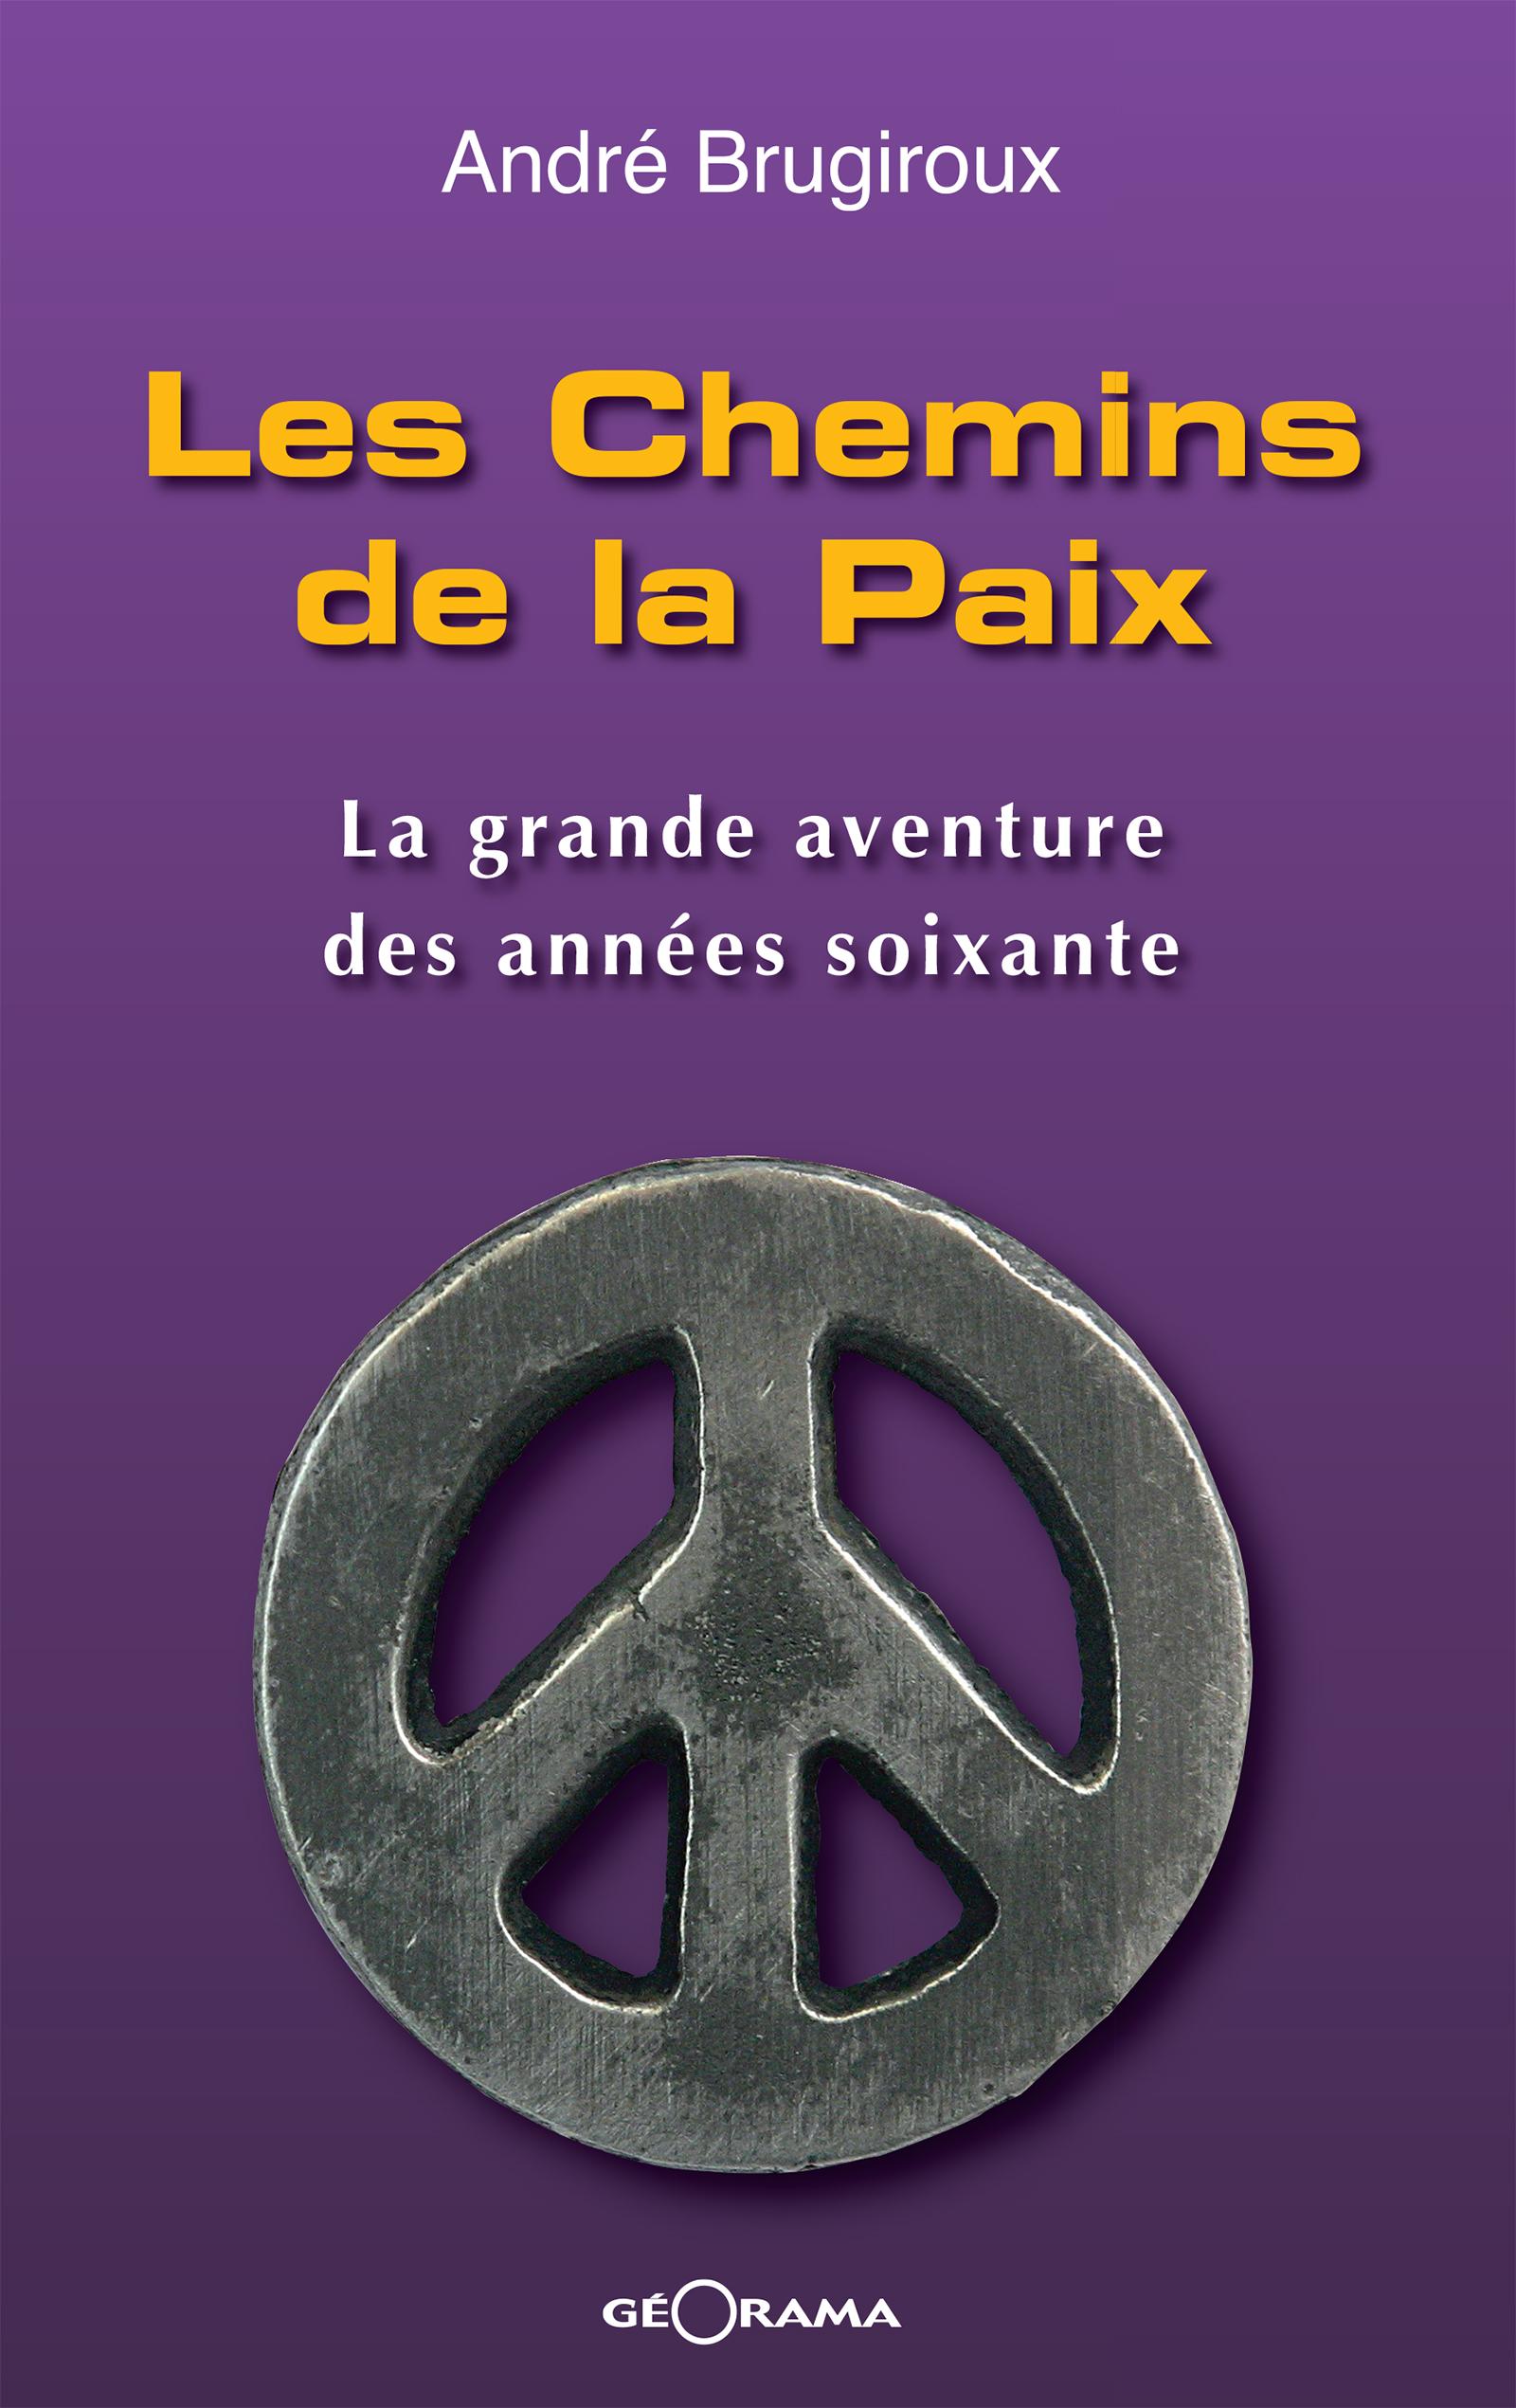 Les Chemins de la Paix, La grande aventure des années soixante